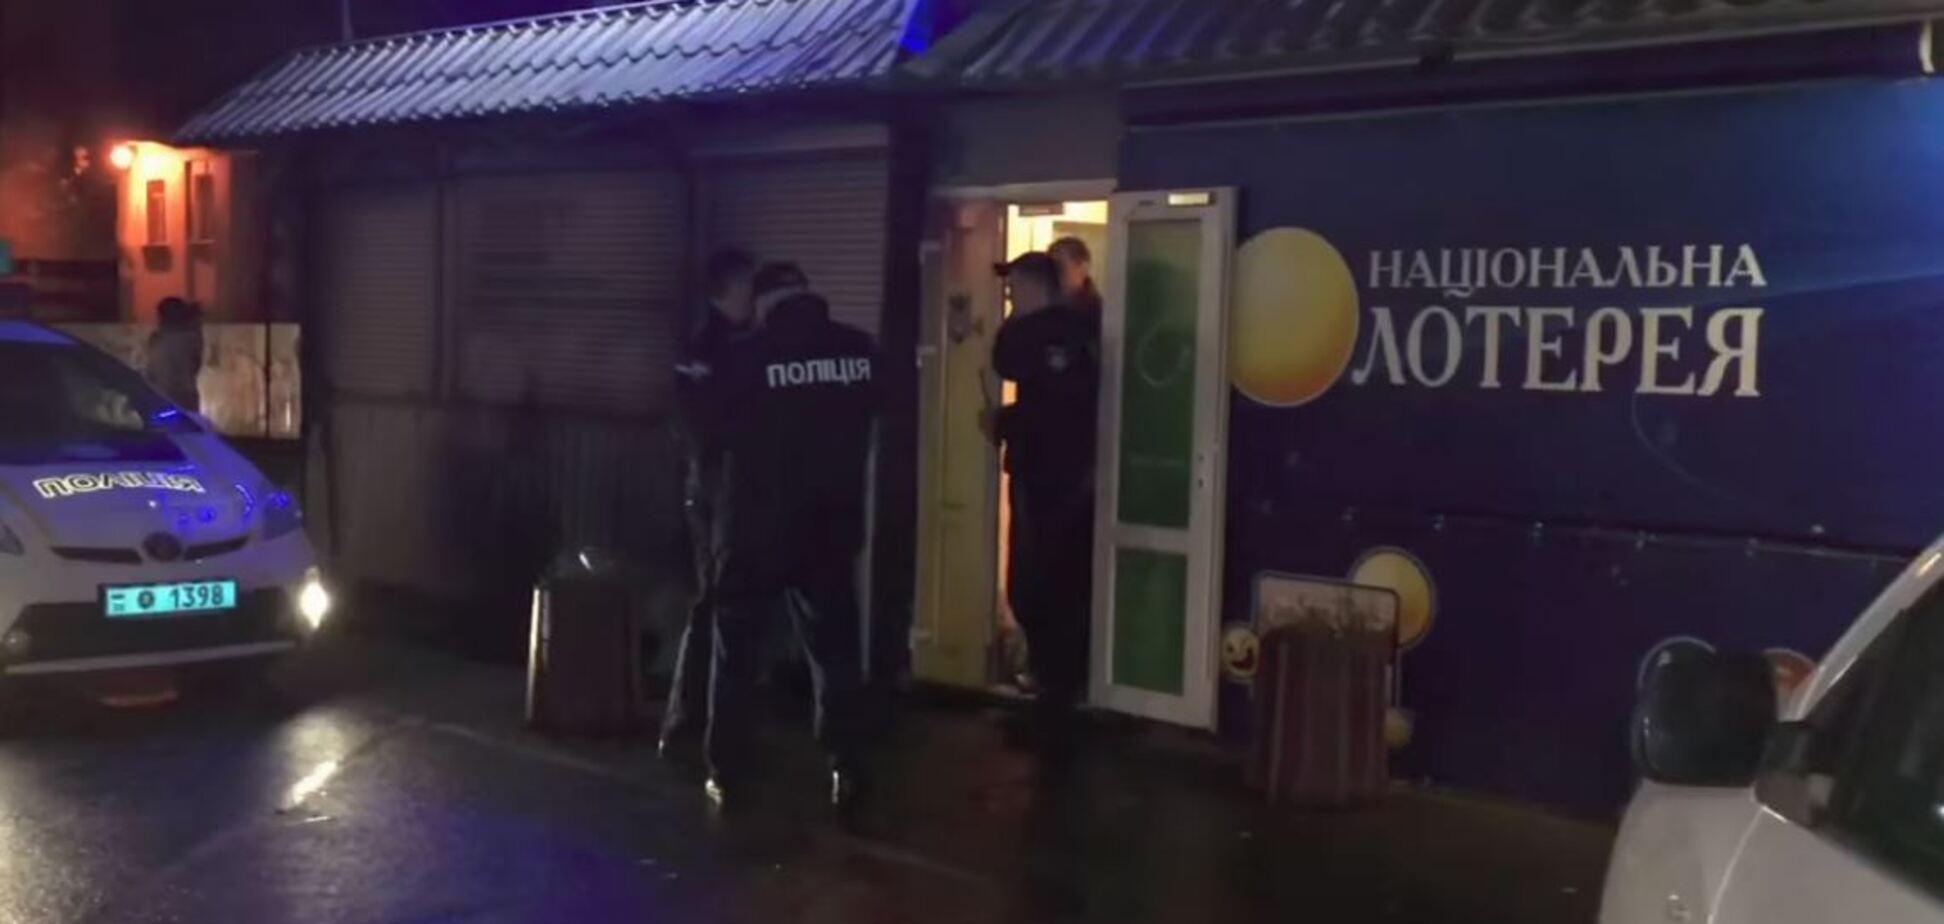 Ударили в живот: в Киеве случилась поножовщина со смертельным исходом. Опубликовано видео